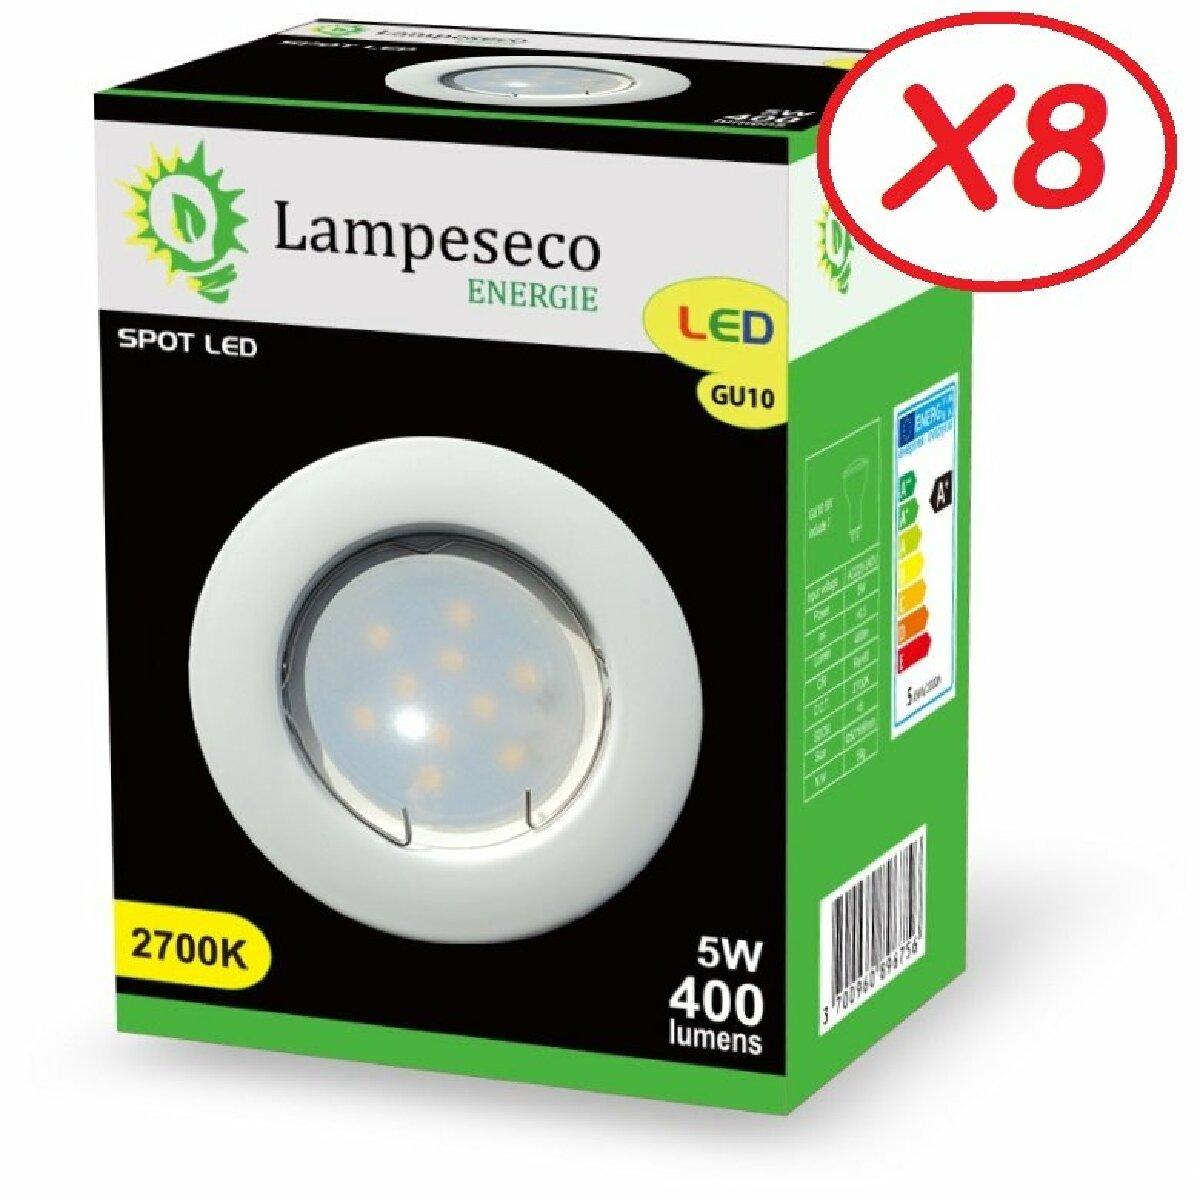 Lampesecoenergie Lot de 8 Spot Led Encastrable Complete Blanc Lumière Blanc Chaud 5W eq.50W ref.267